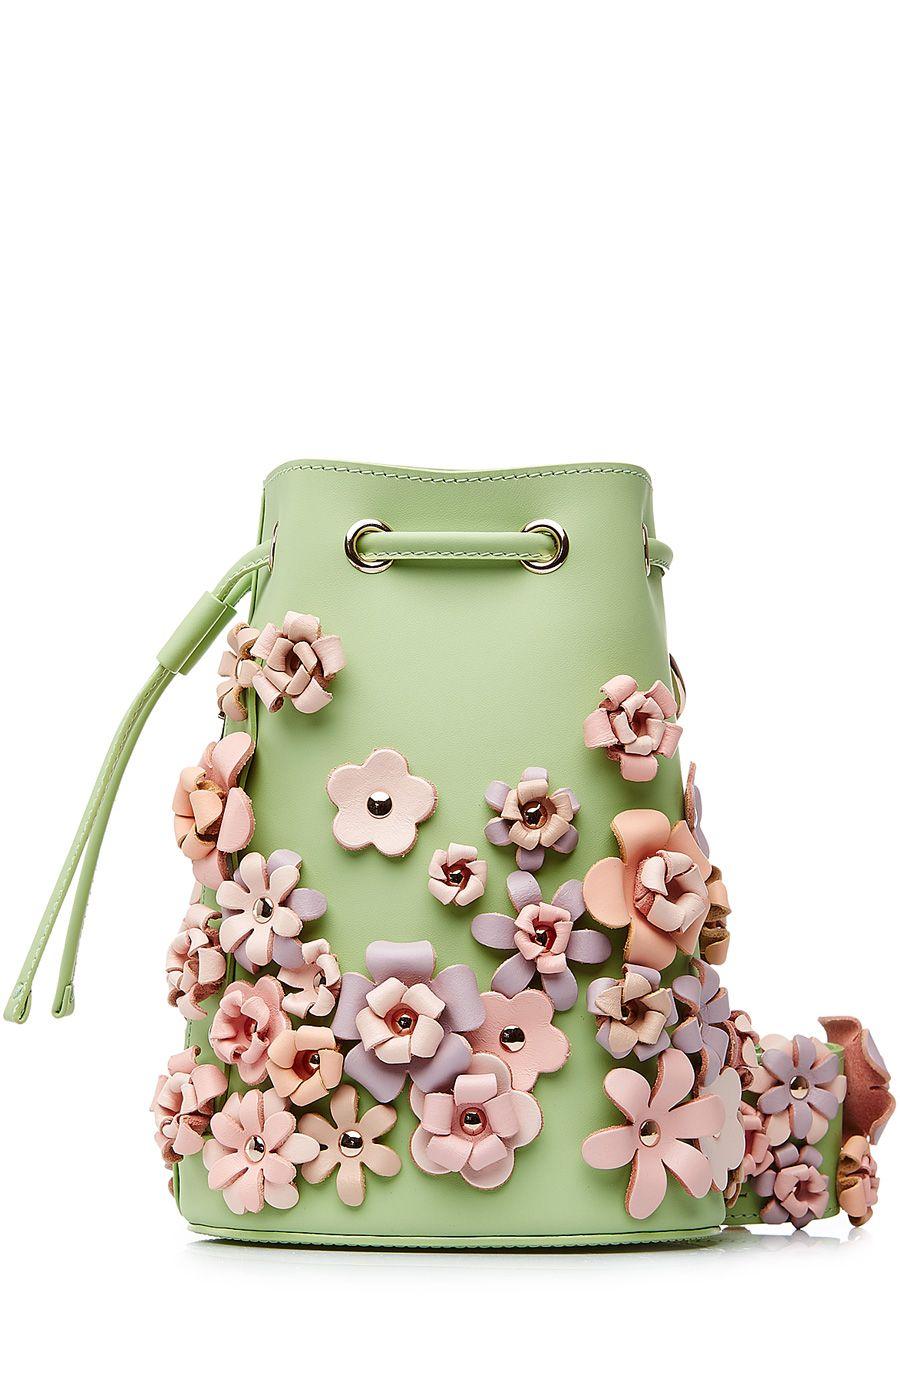 Kasper Flowers Leather Shoulder Bag Floral Pinterest Leather